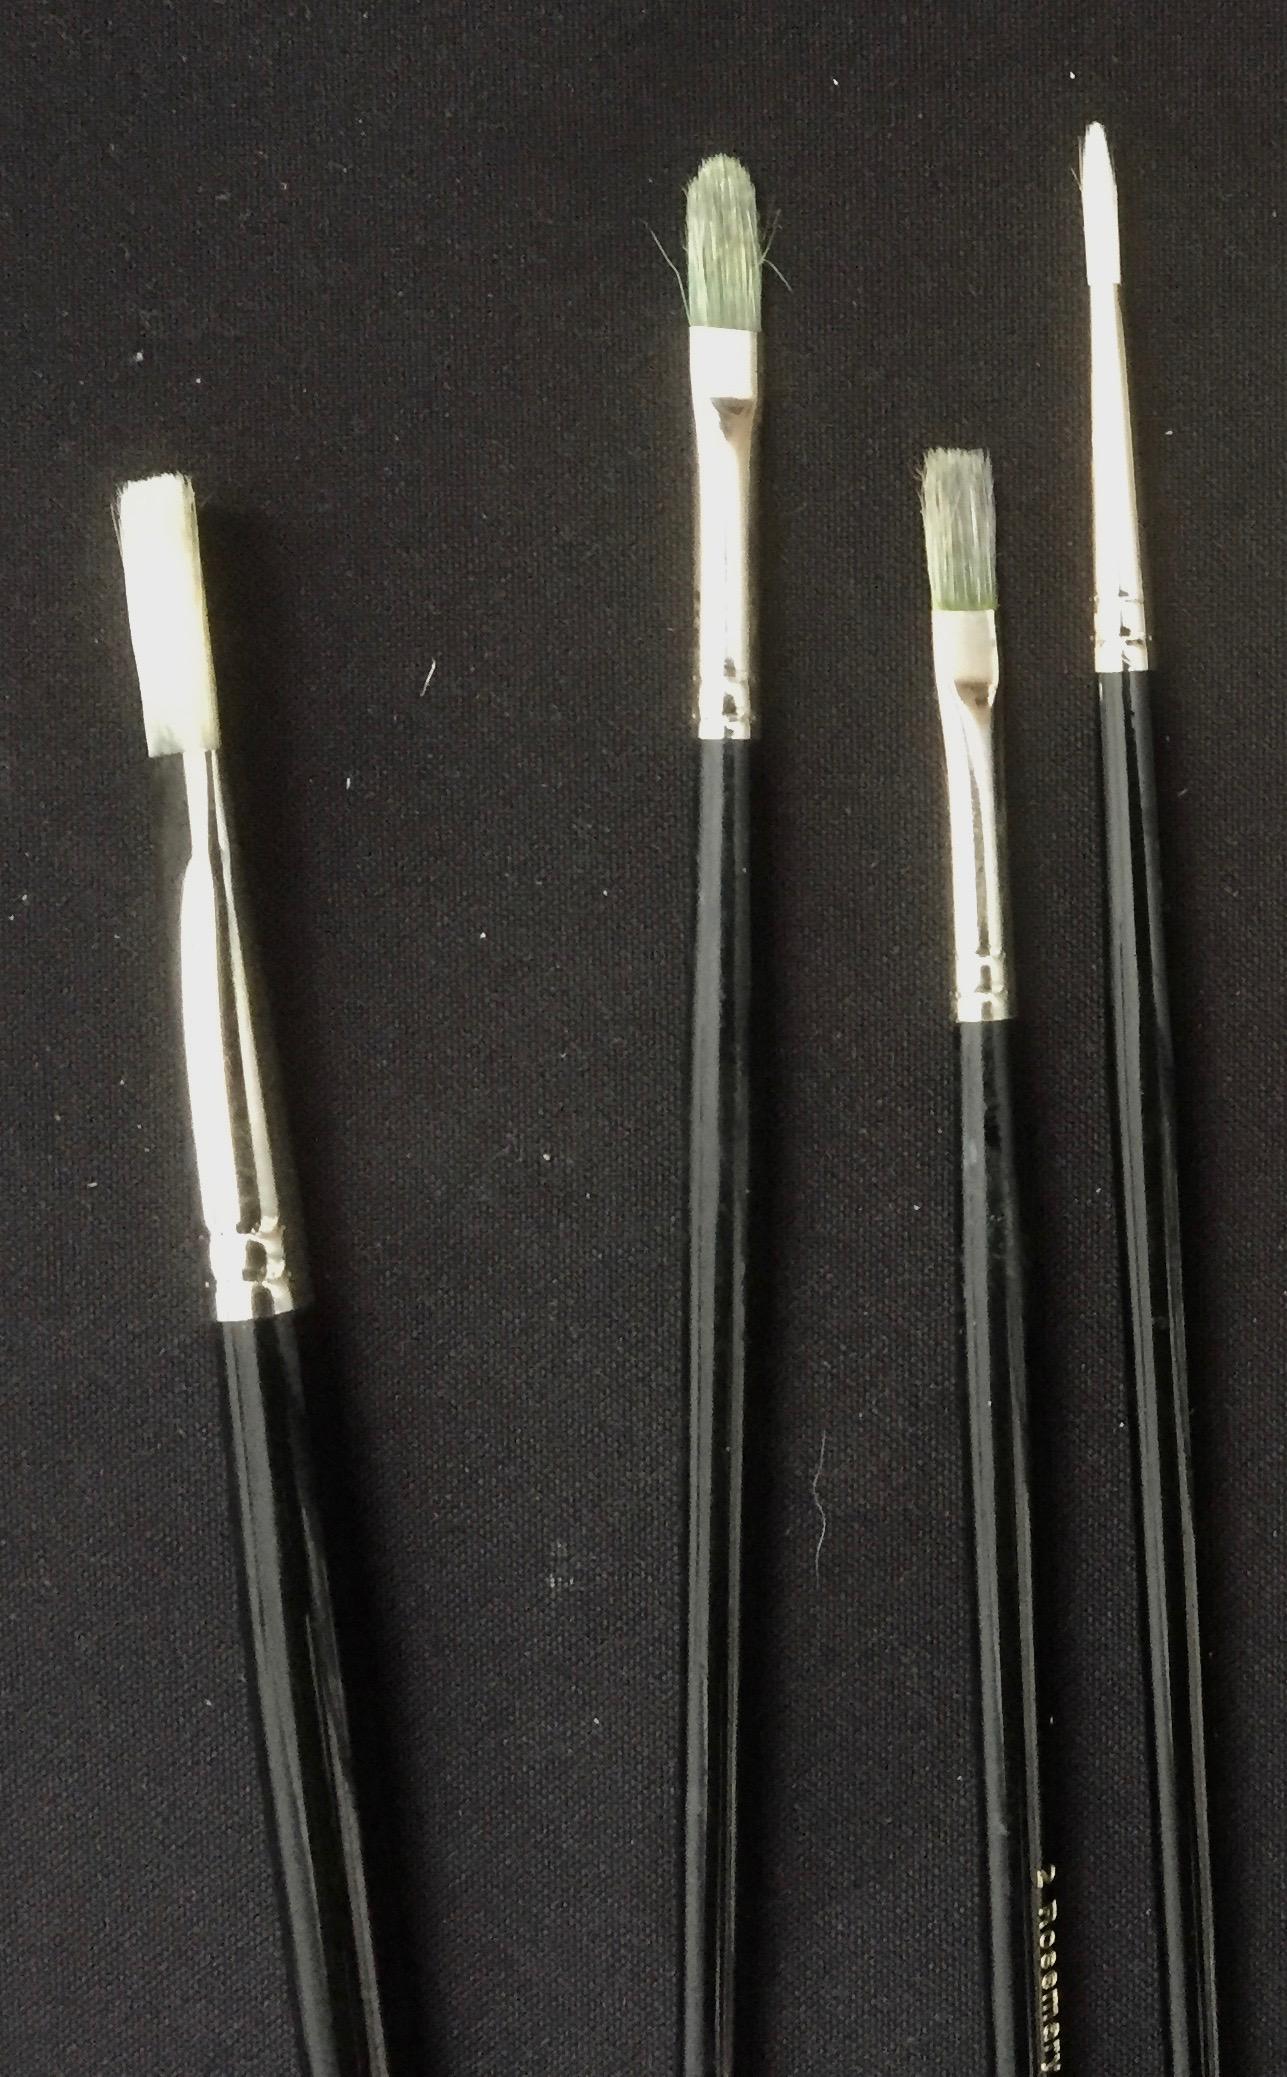 Flat, filbert and round brushes.